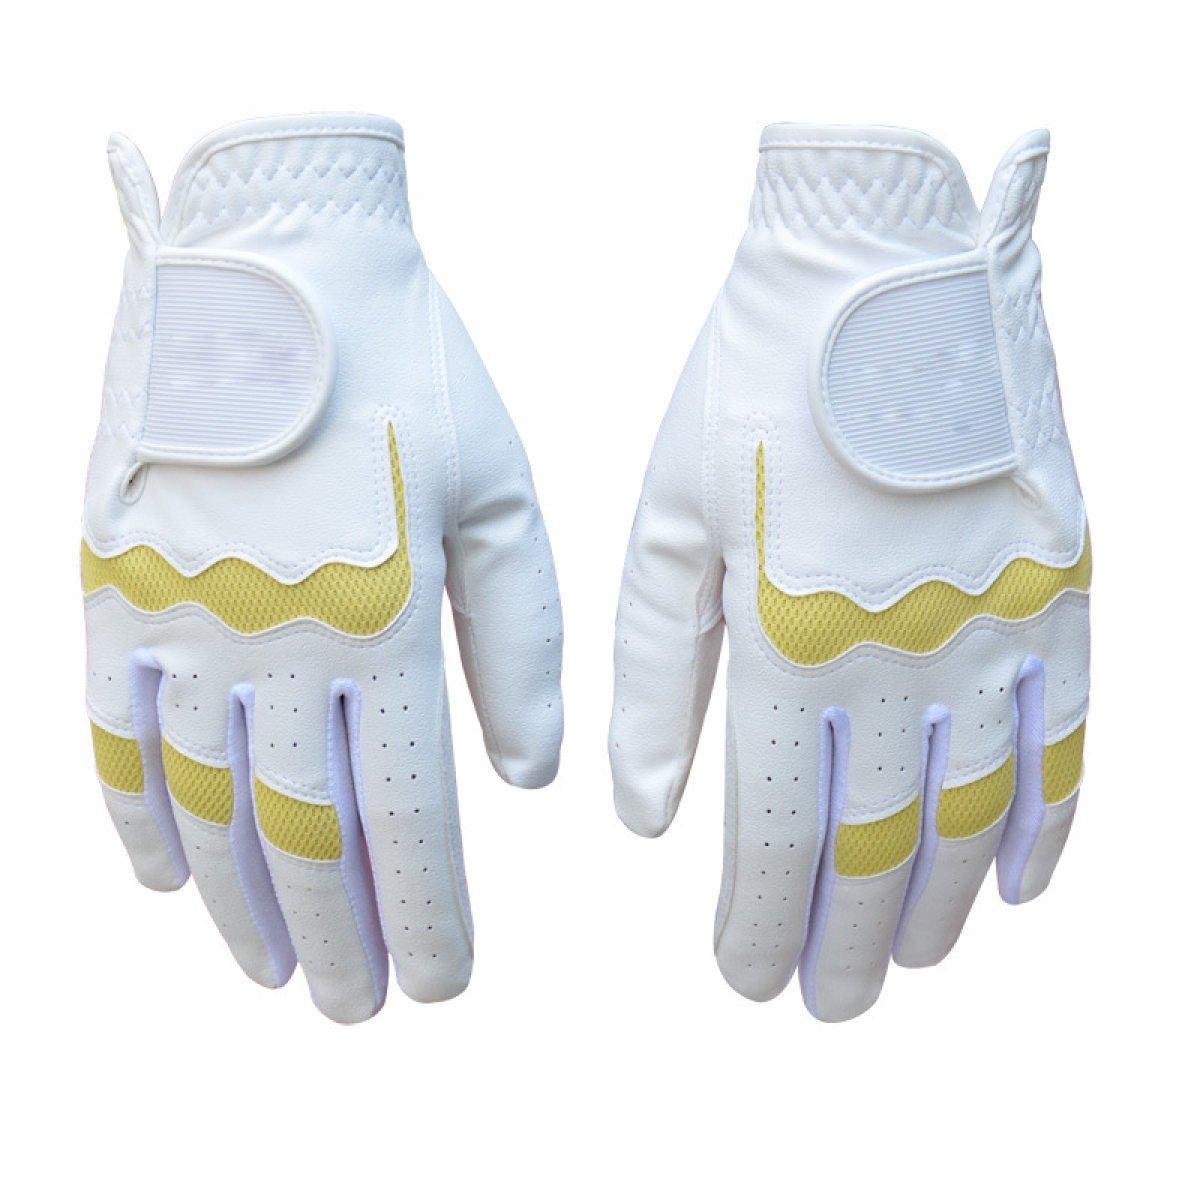 BFMEI Weibliche Modelle Verschleißfesten Saugfähige Rutschfeste Außenhandschuh,WeißGelb-19